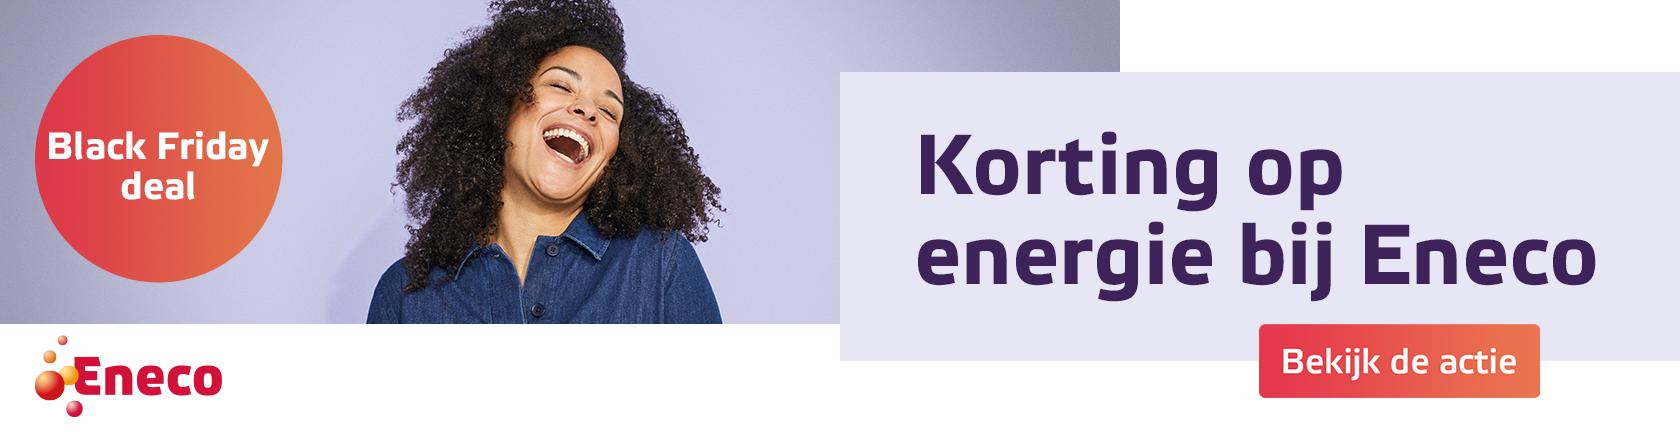 Eneco Black Friday deal Koritng op energie bij Eneco bekijk de actie